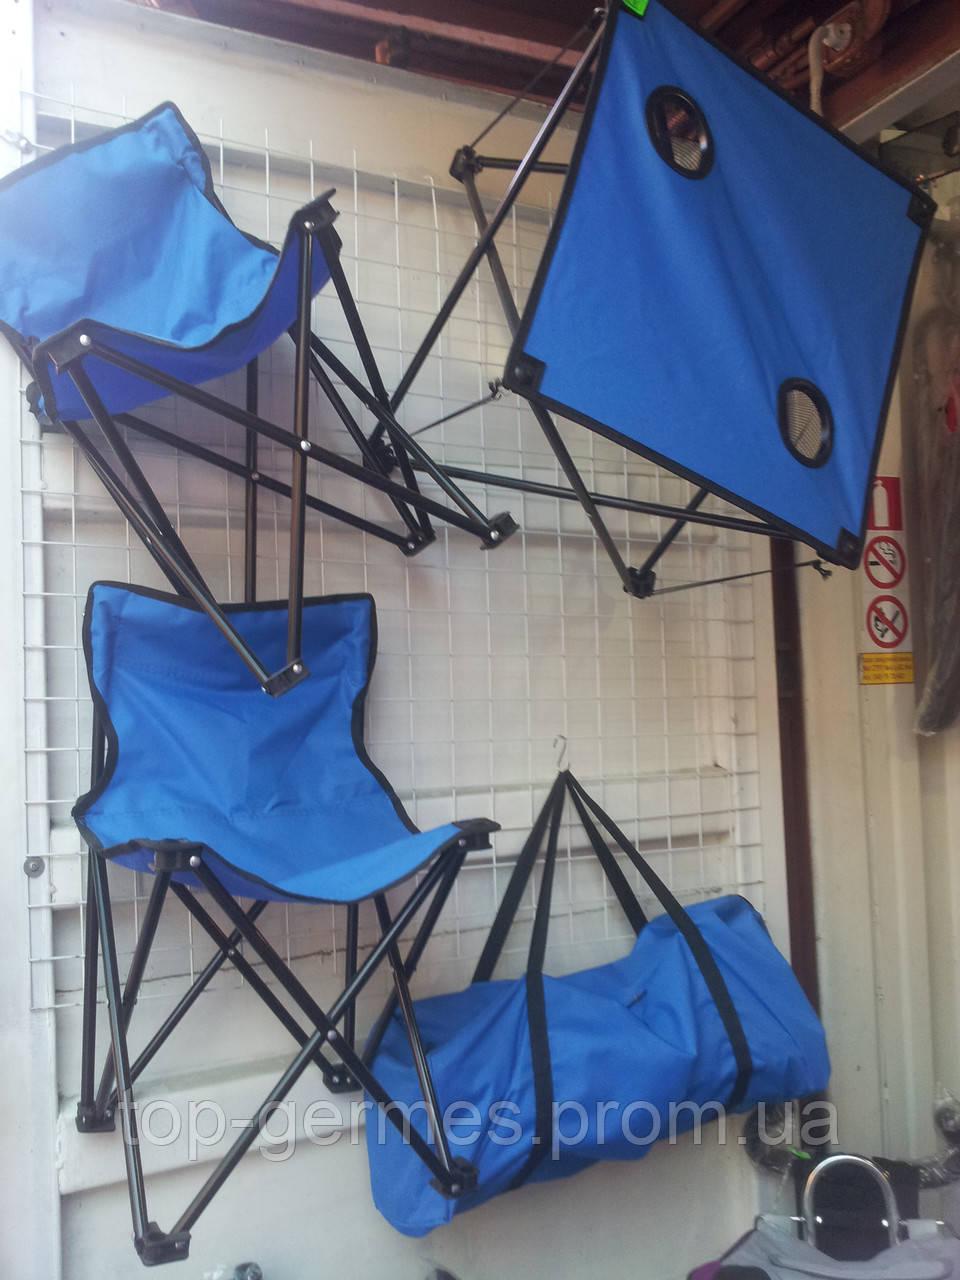 Мебель для пикника и отдыха 4 предмета